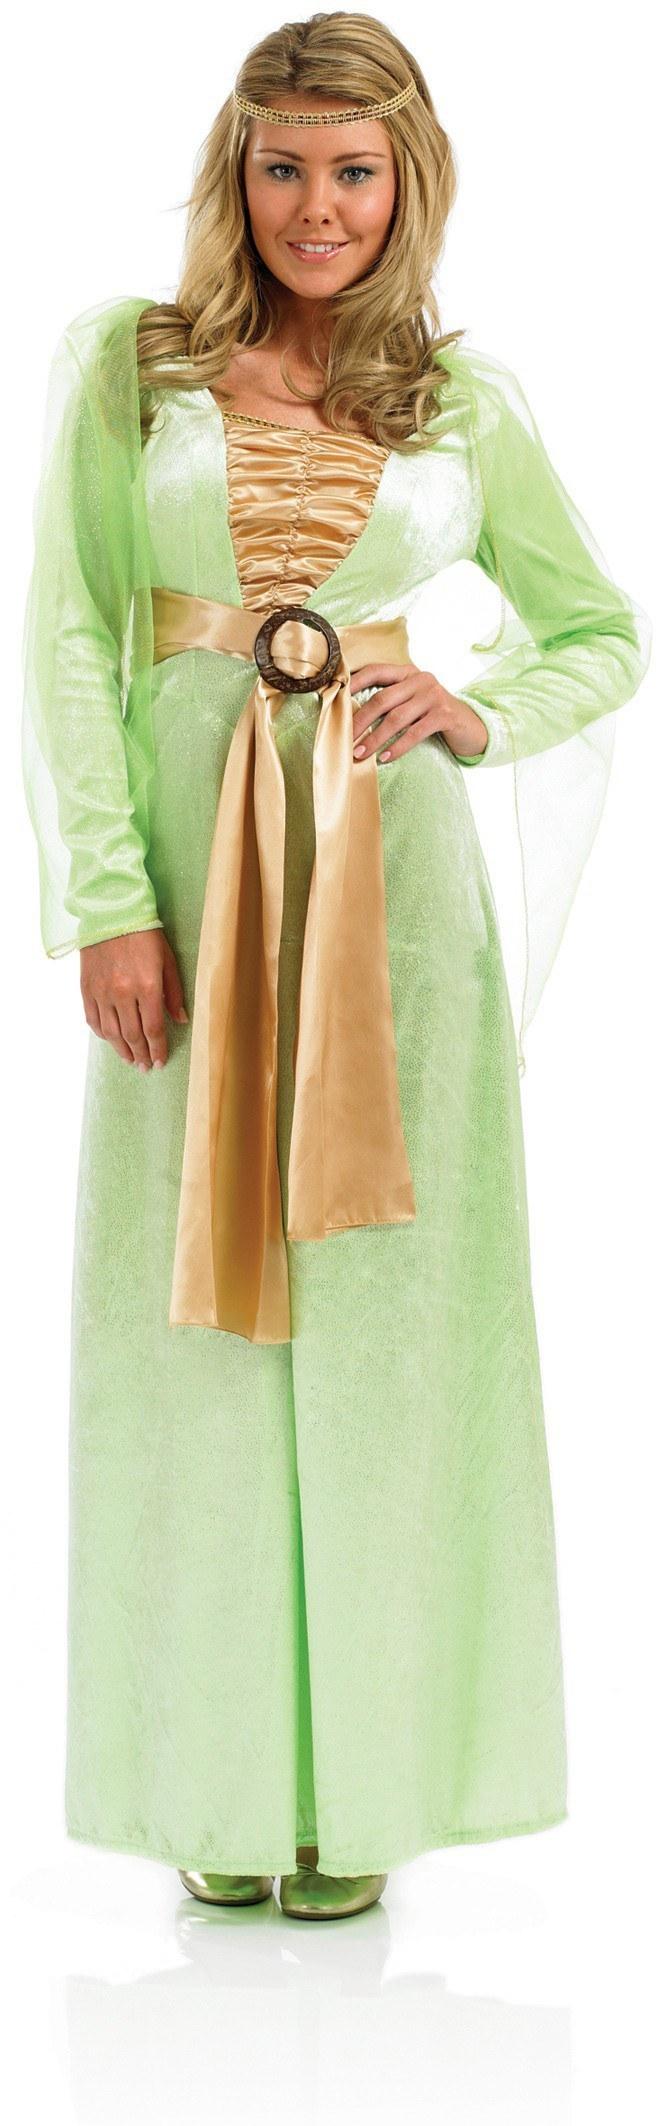 Dress size 6 8 small dress size 8 10 medium dress size 10 12 large